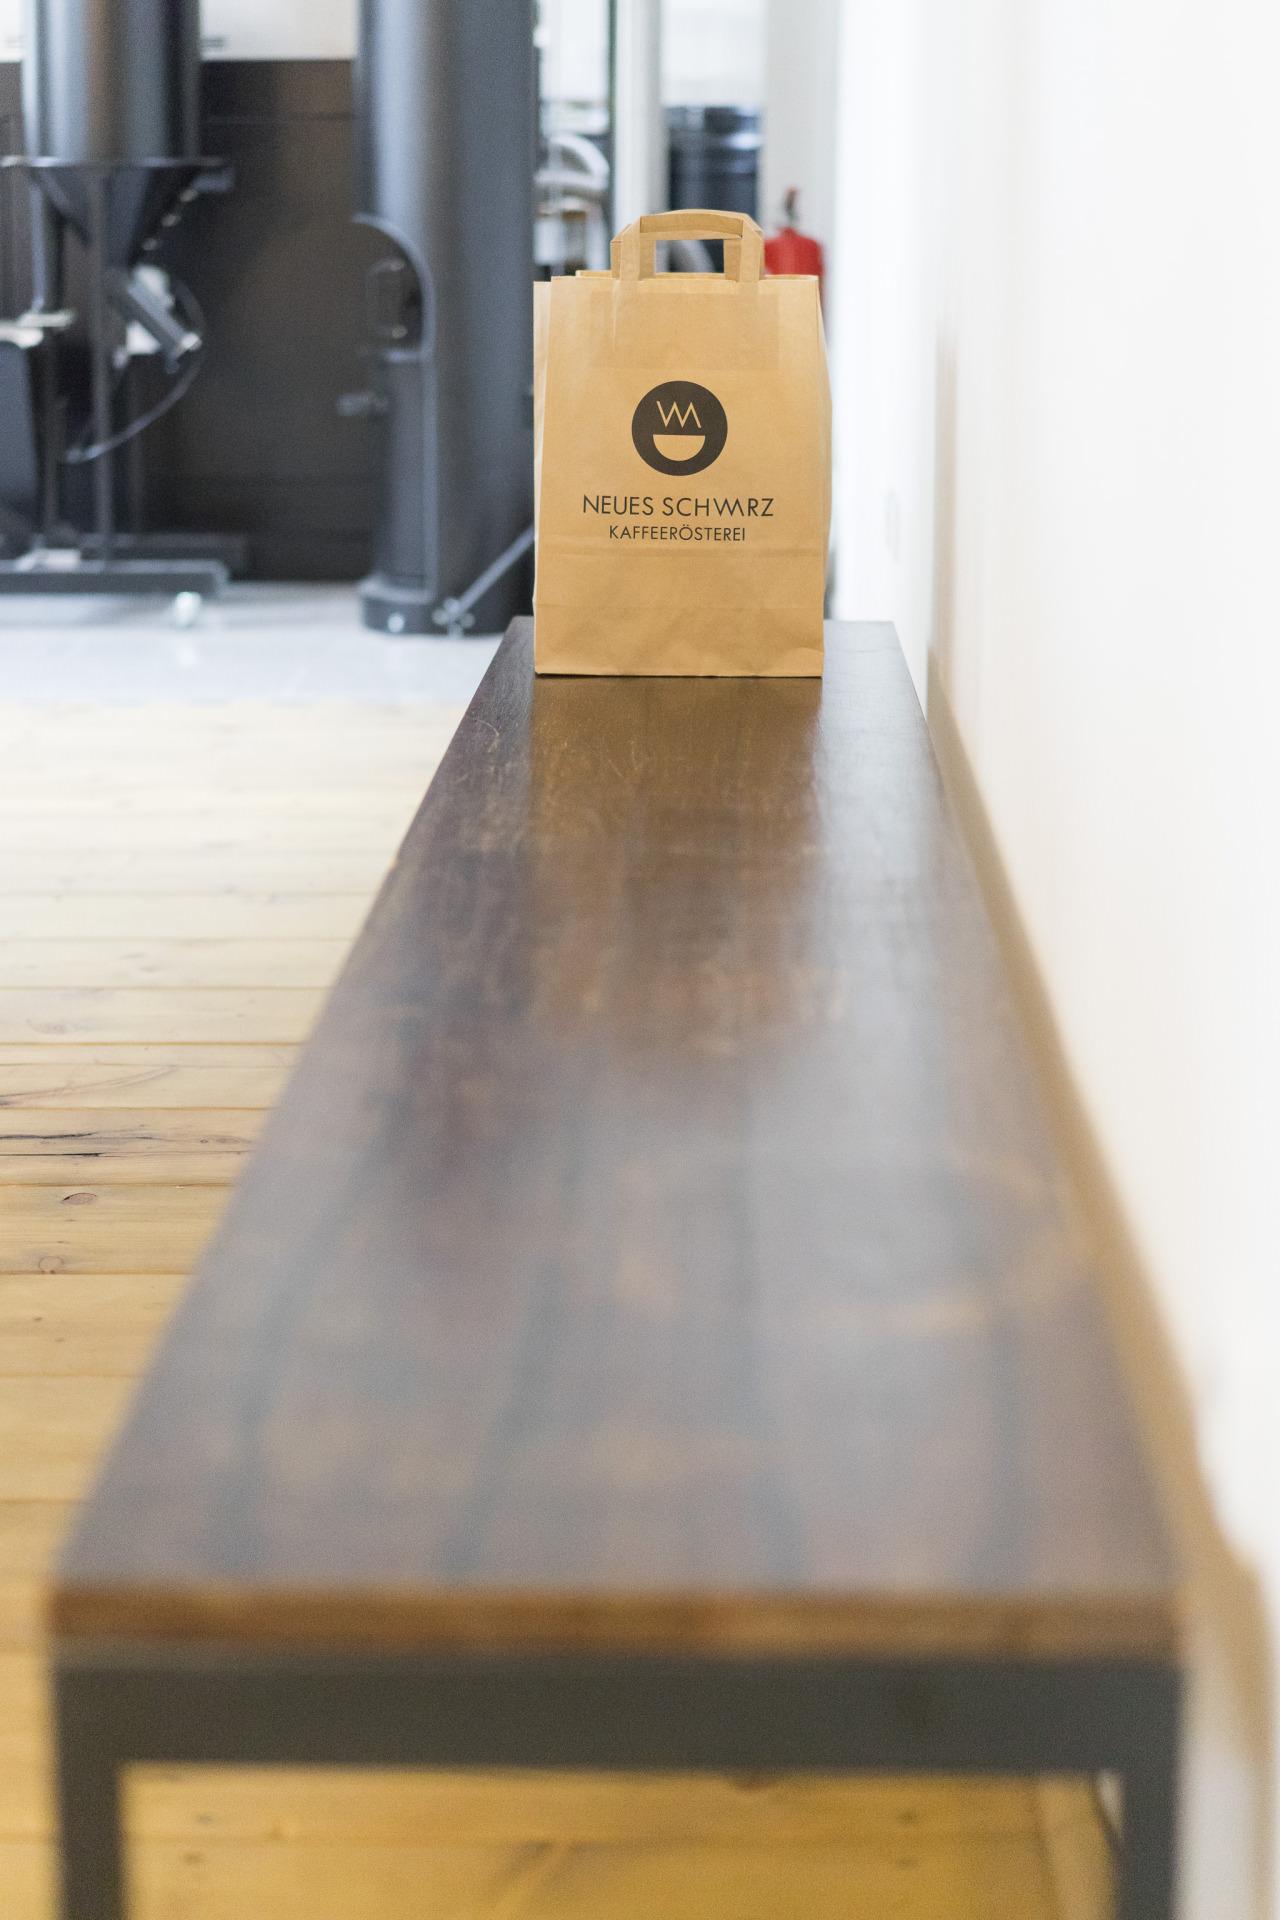 neues-schwarz-kaffee-dortmund-pottspott-37.jpg